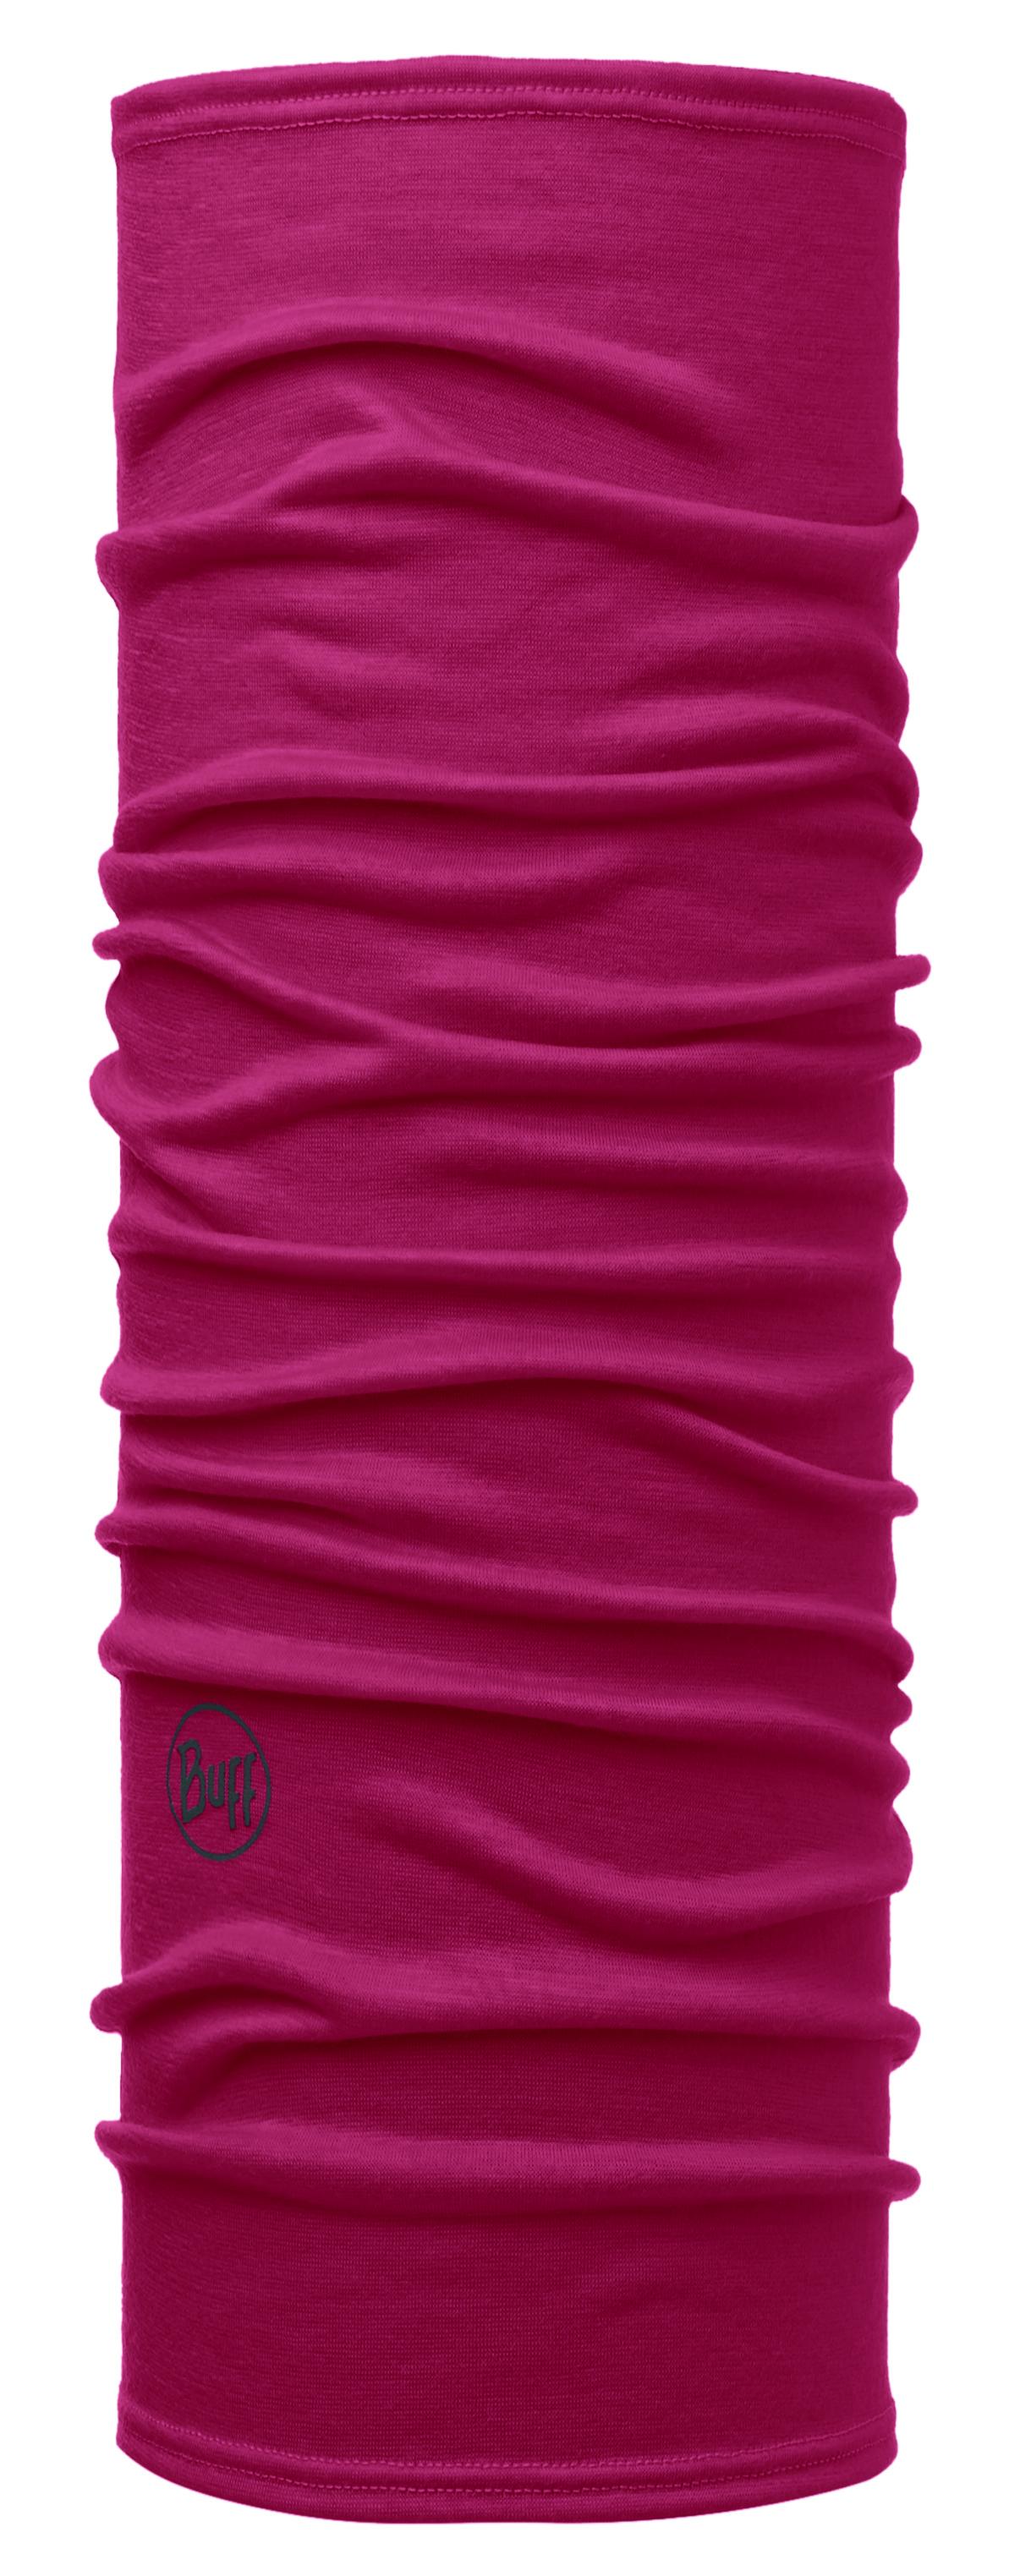 Купить Бандана BUFF LIGHTWEIGHT MERINO WOOL SOLID RED SCARLET, Аксессуары Buff ®, 1307936